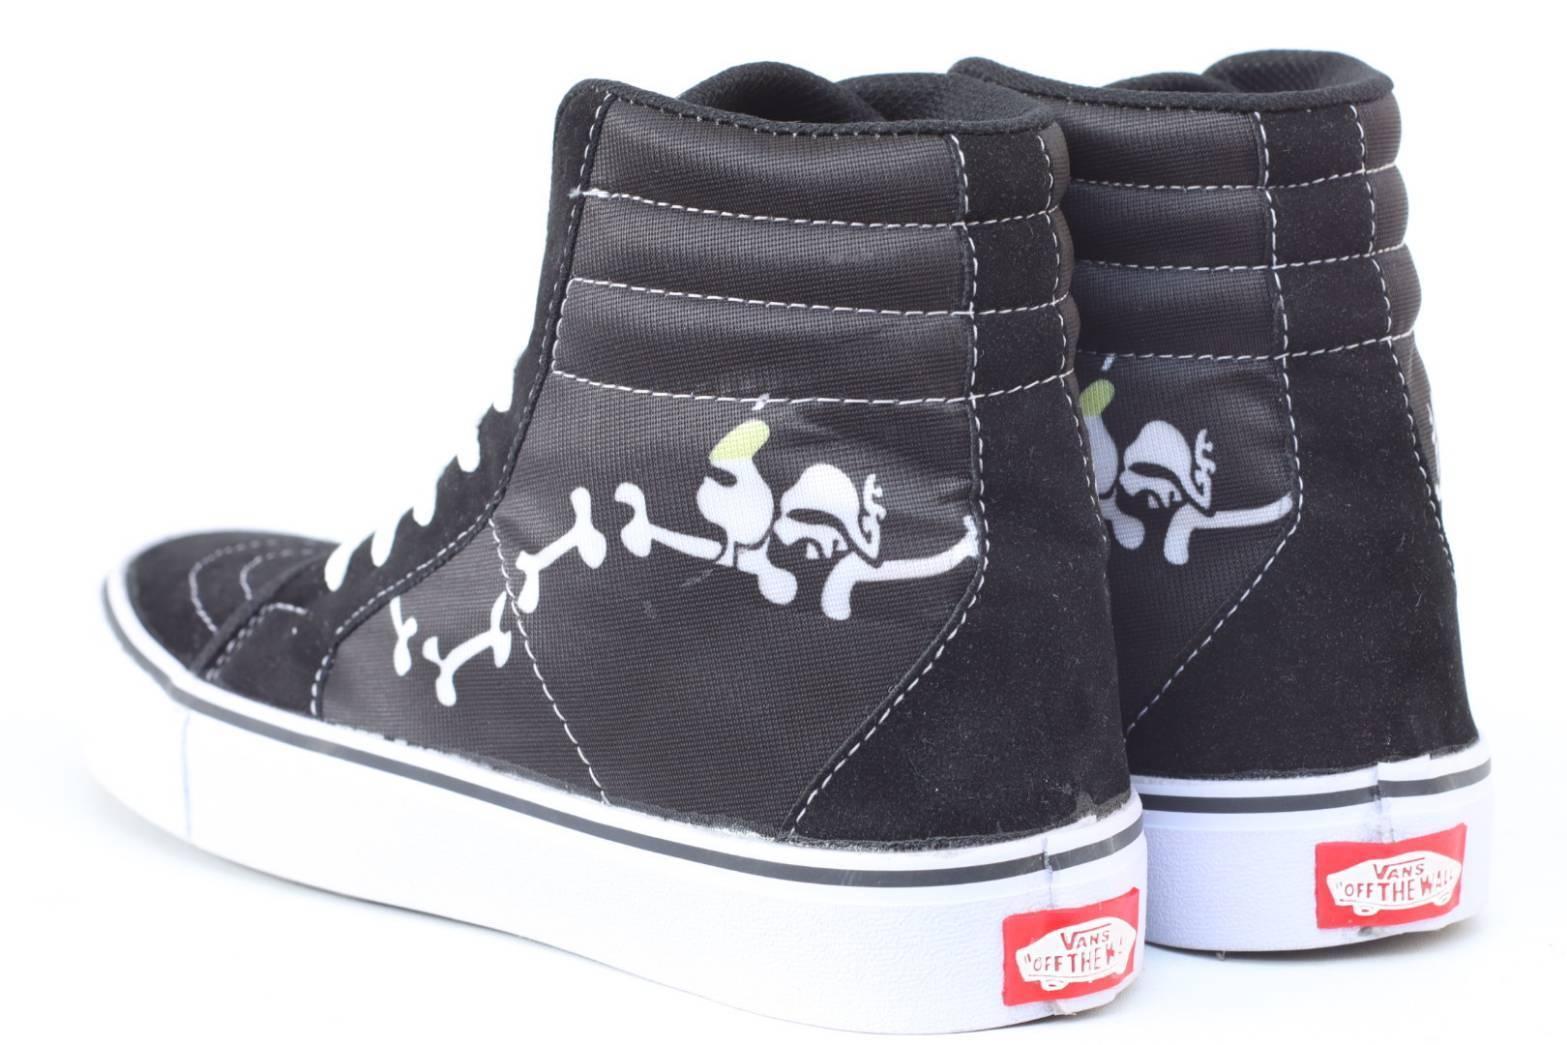 Sepatu Sneakers Vans SK8 X BAPE Shark Teeth Checkerboard Catur Bones Supreme Vans Skate Casual Main Gaya Modis Keren Bonus Kaos Kaki